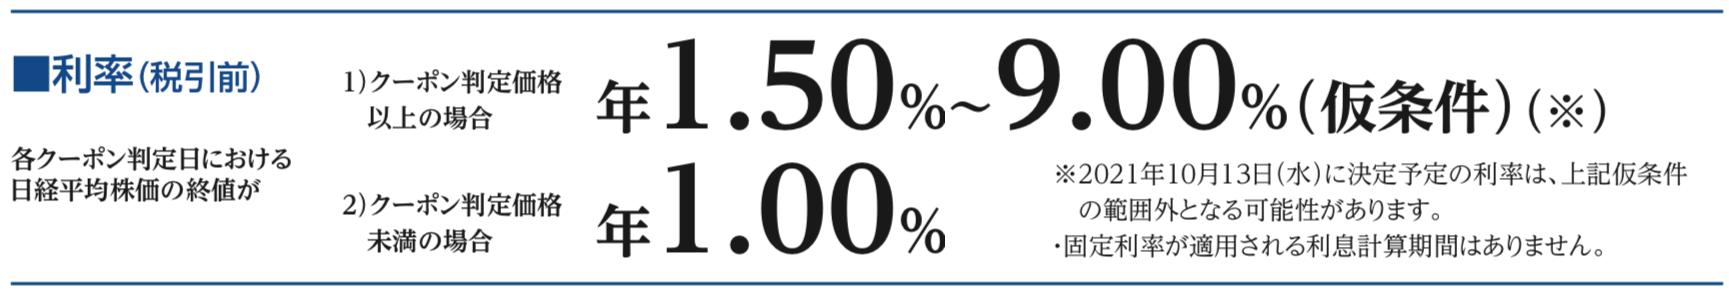 デジタルクーポン型・トリガー価格逓減早期召喚条項付の株価指数参照円建信託社債